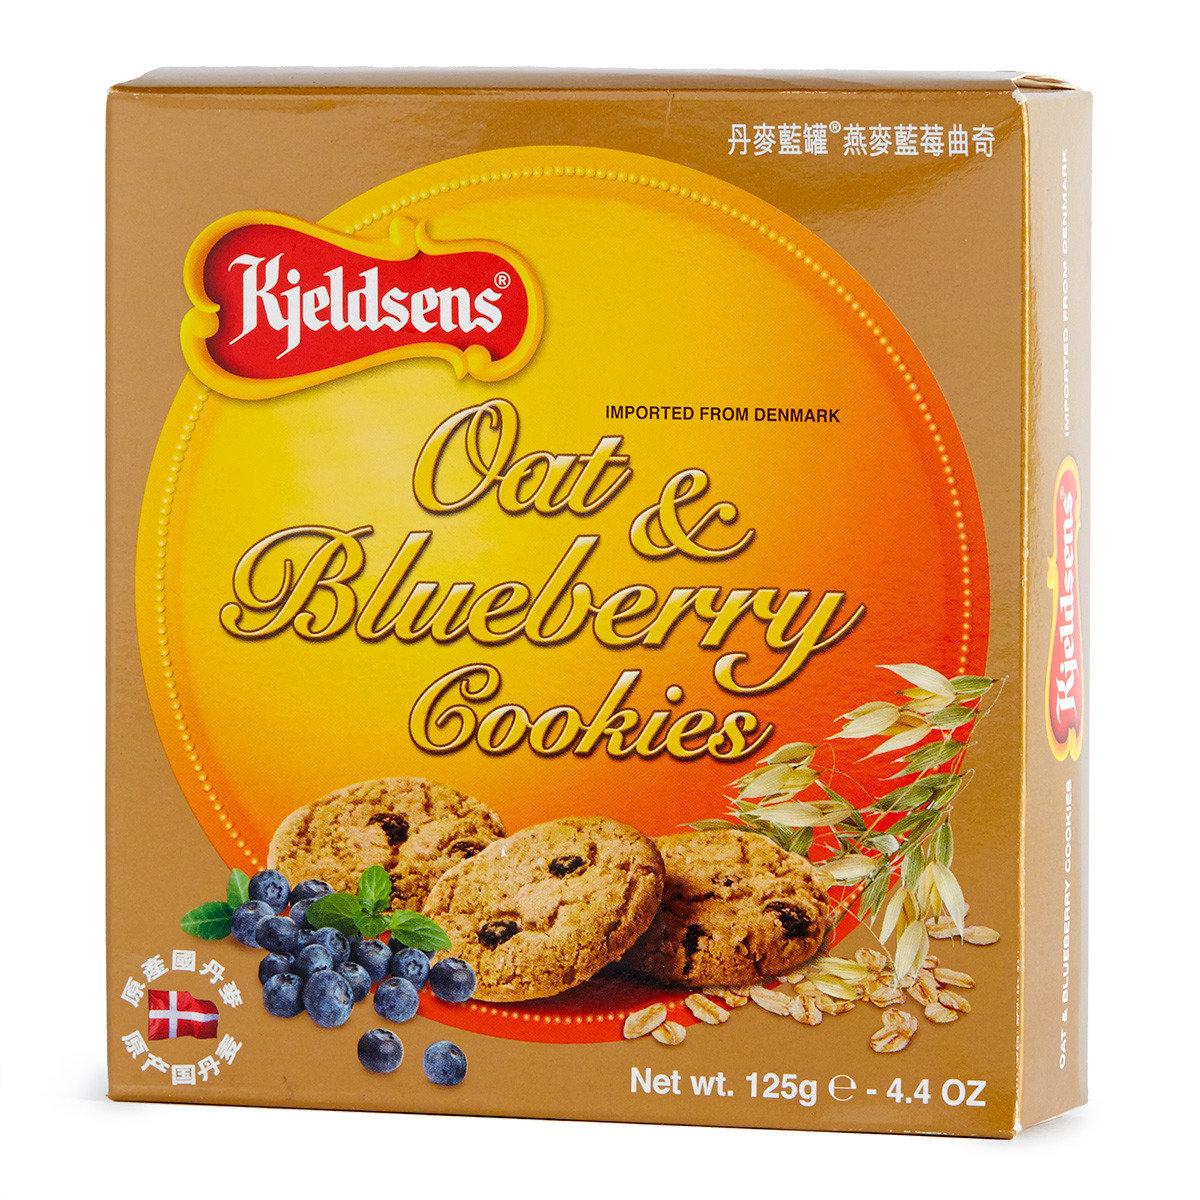 燕麥藍莓曲奇紙盒裝